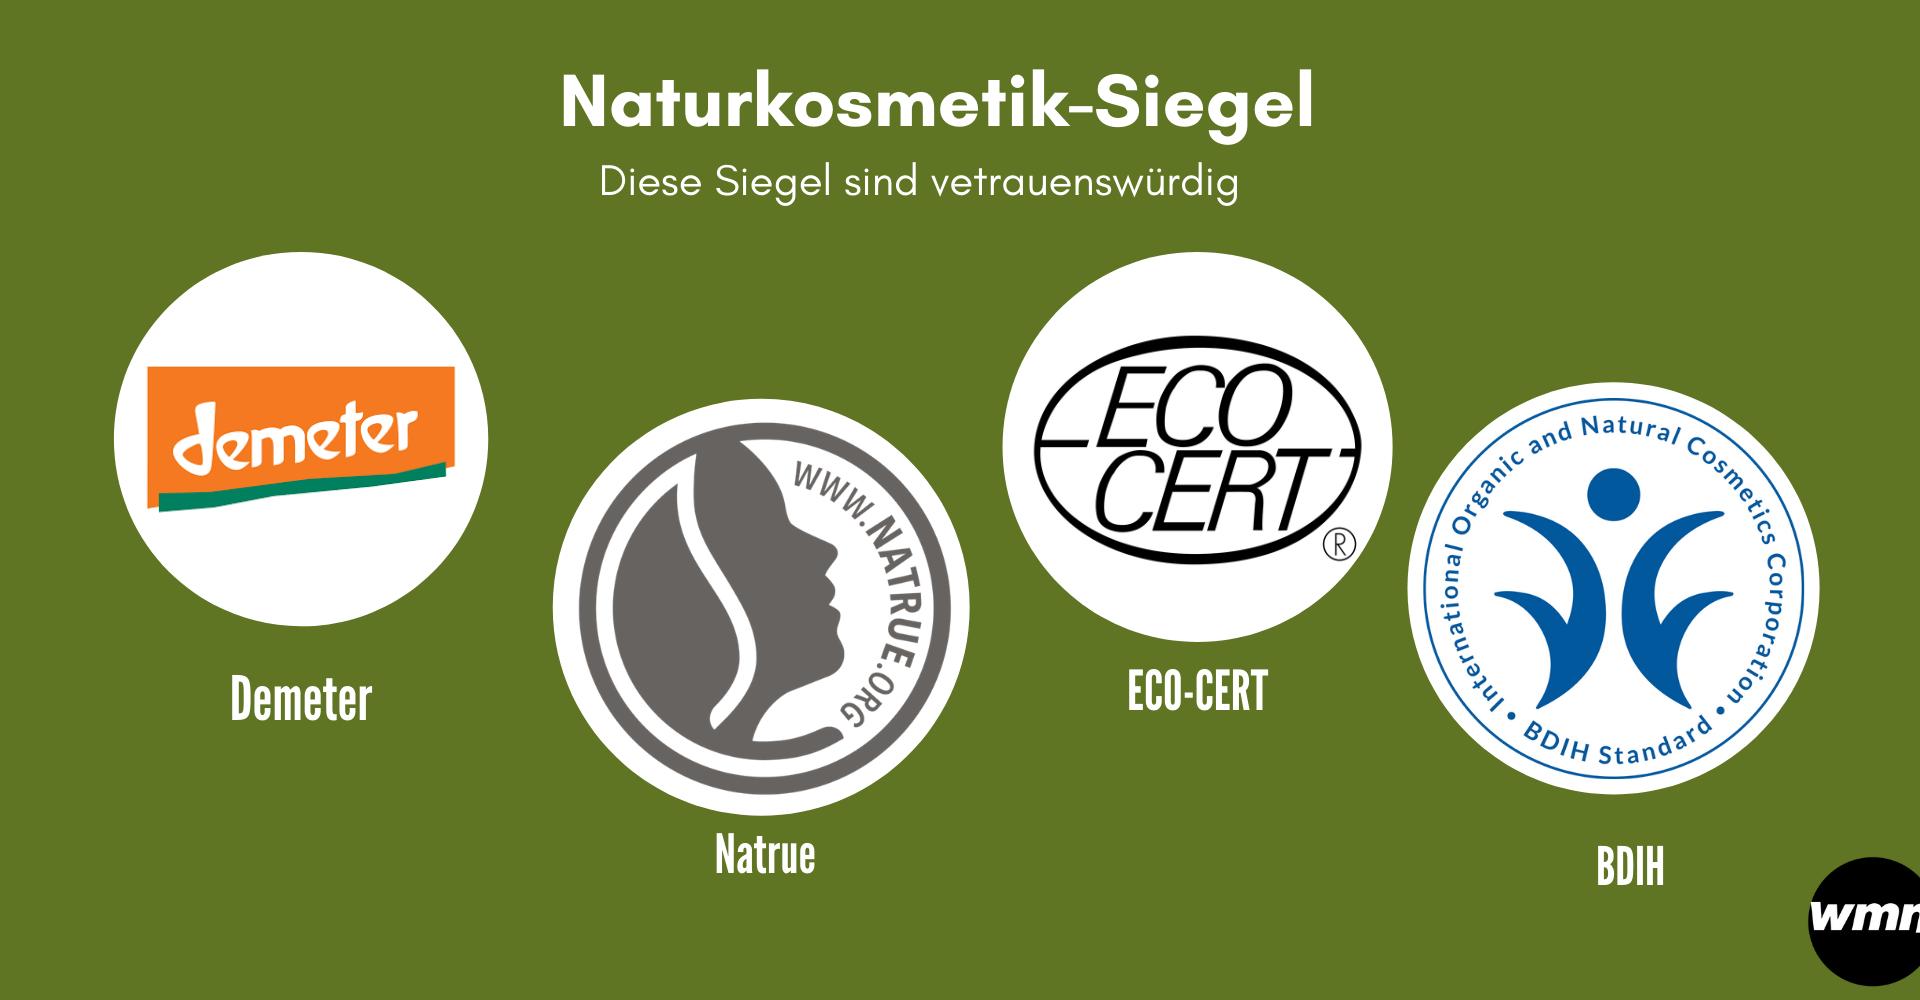 Übersicht der Naturkosmetik-Siegel